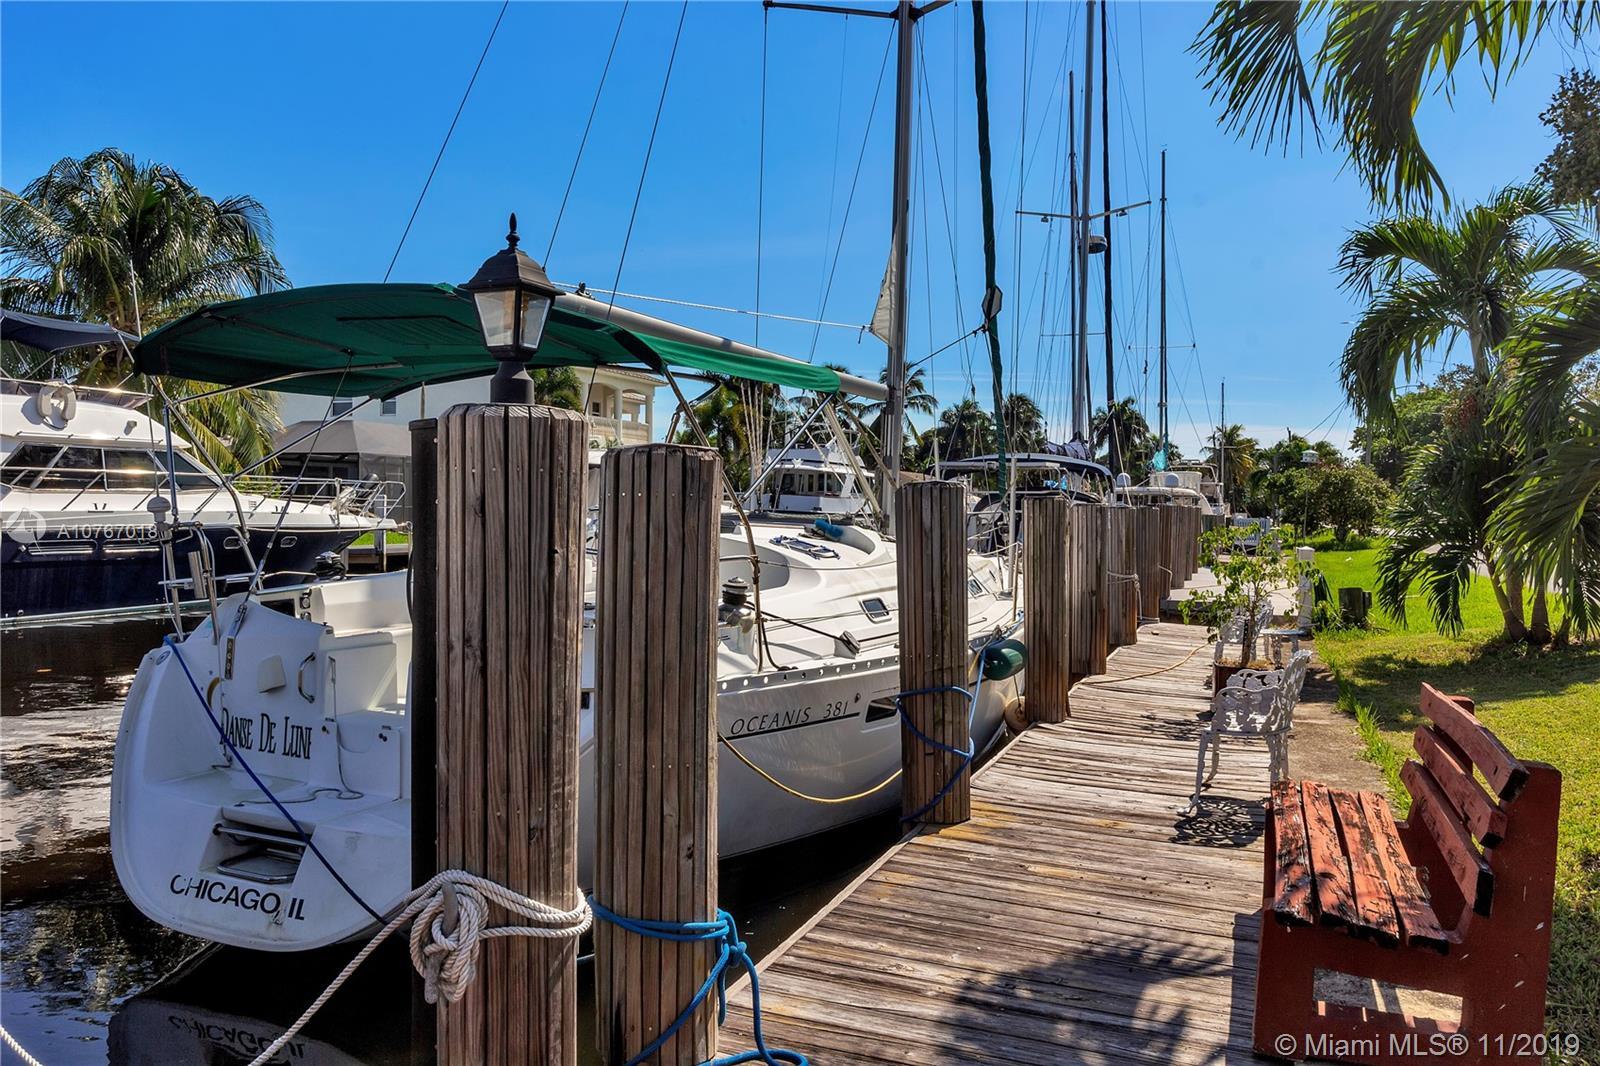 309 NE 2nd Ave, Dania Beach, FL 33004